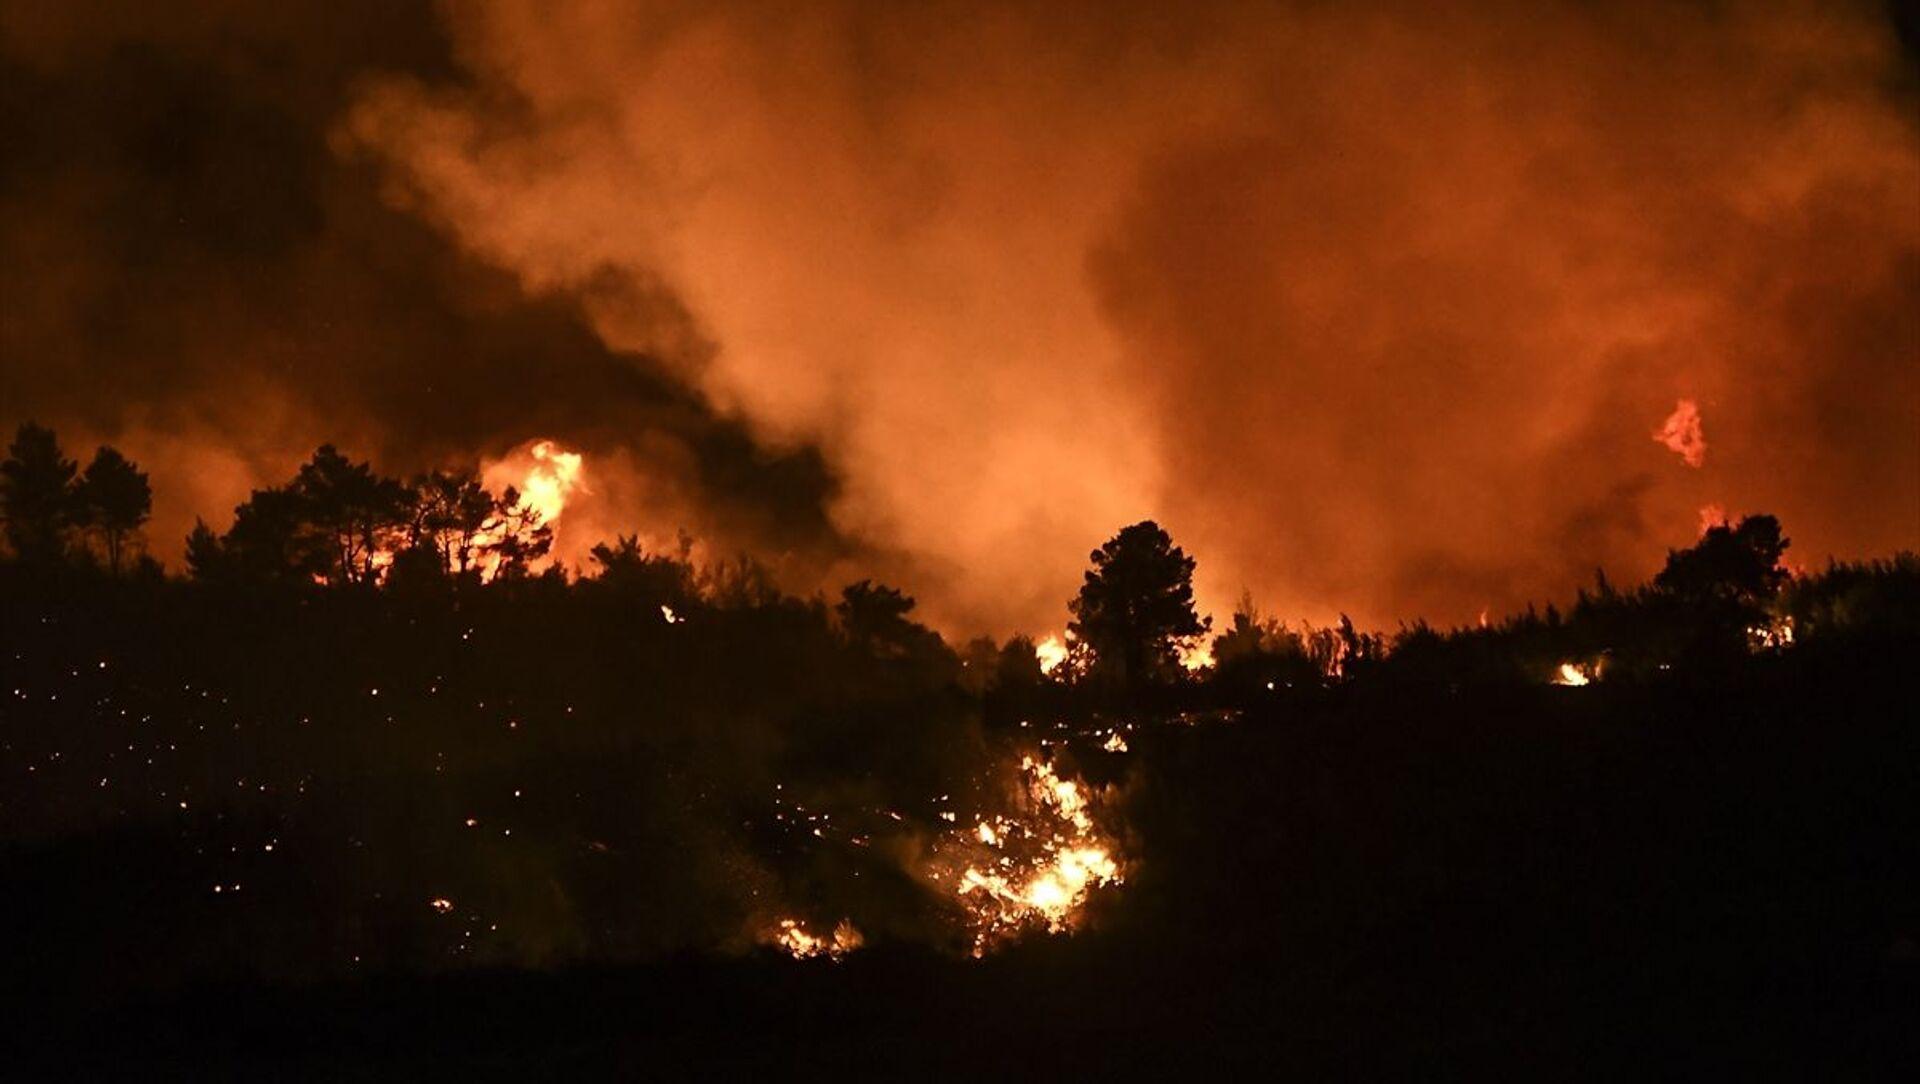 Yunanistan'ın başkenti Atina yakınlarındaki bölgede ormanlık alanda çıkan ve yerleşim yerlerini etkisi altına aldığı belirtilen yangının yeniden alevlendiği bildirildi. - Sputnik Türkiye, 1920, 06.08.2021